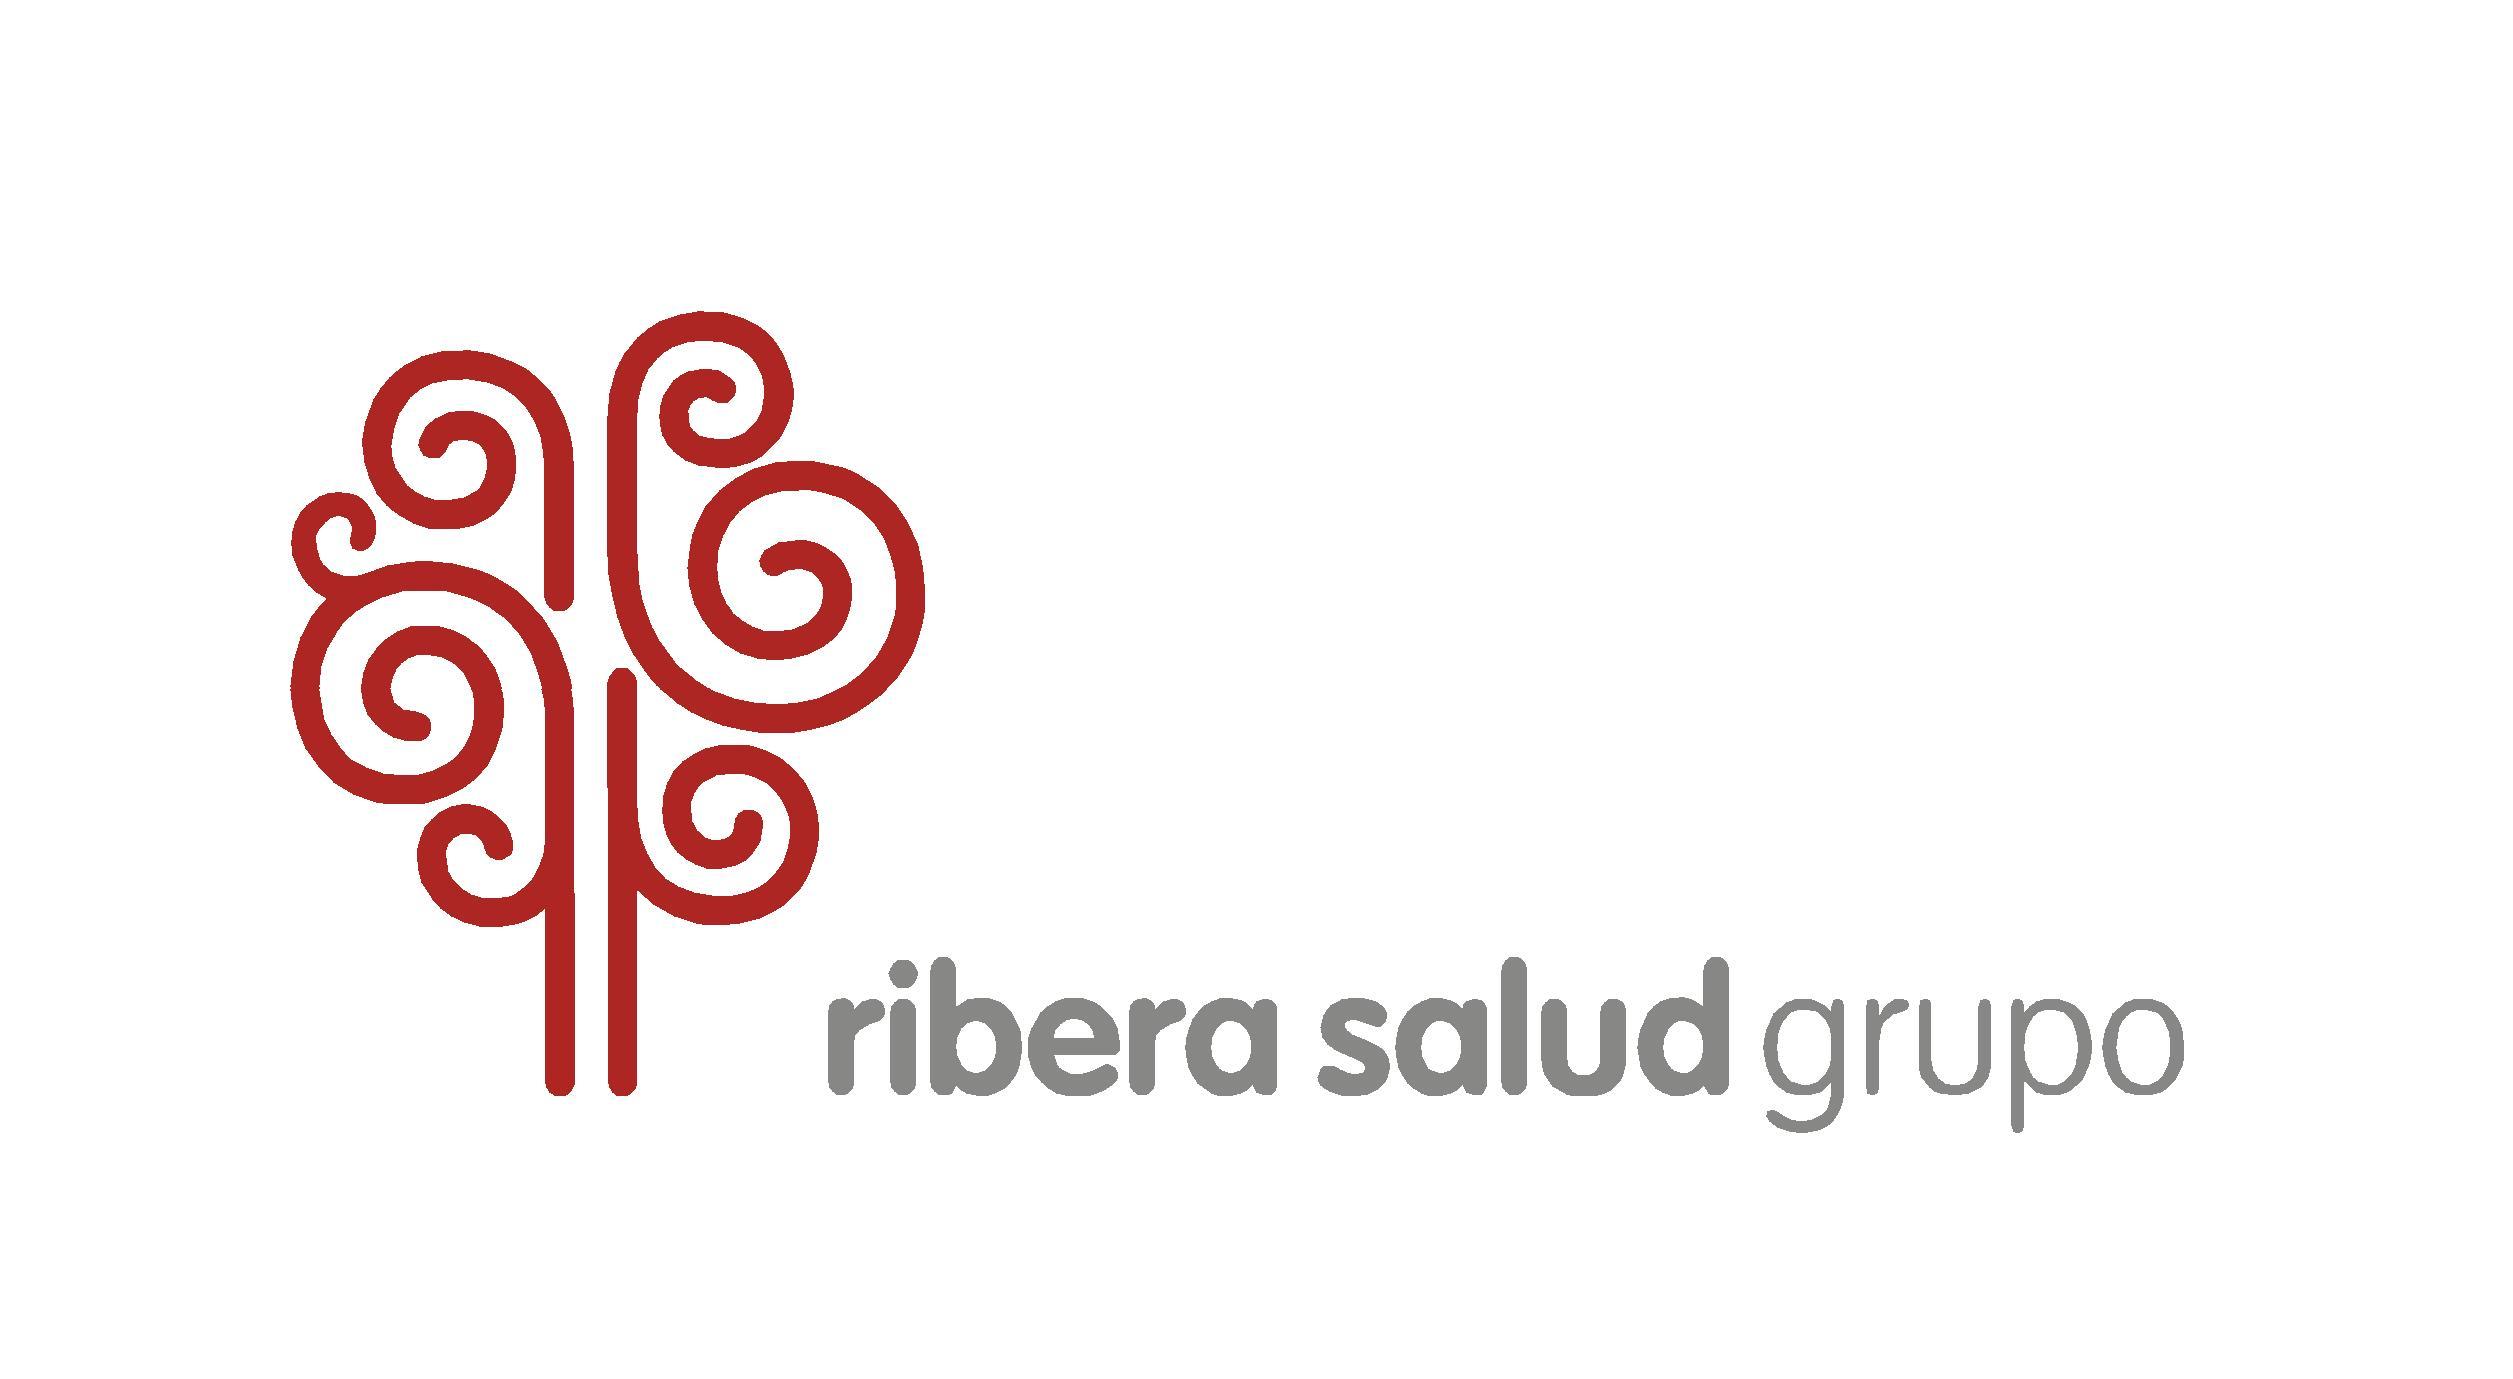 Curso de Preparación de la Certificación PMP / Empleados B2B-RIBERA SALUD